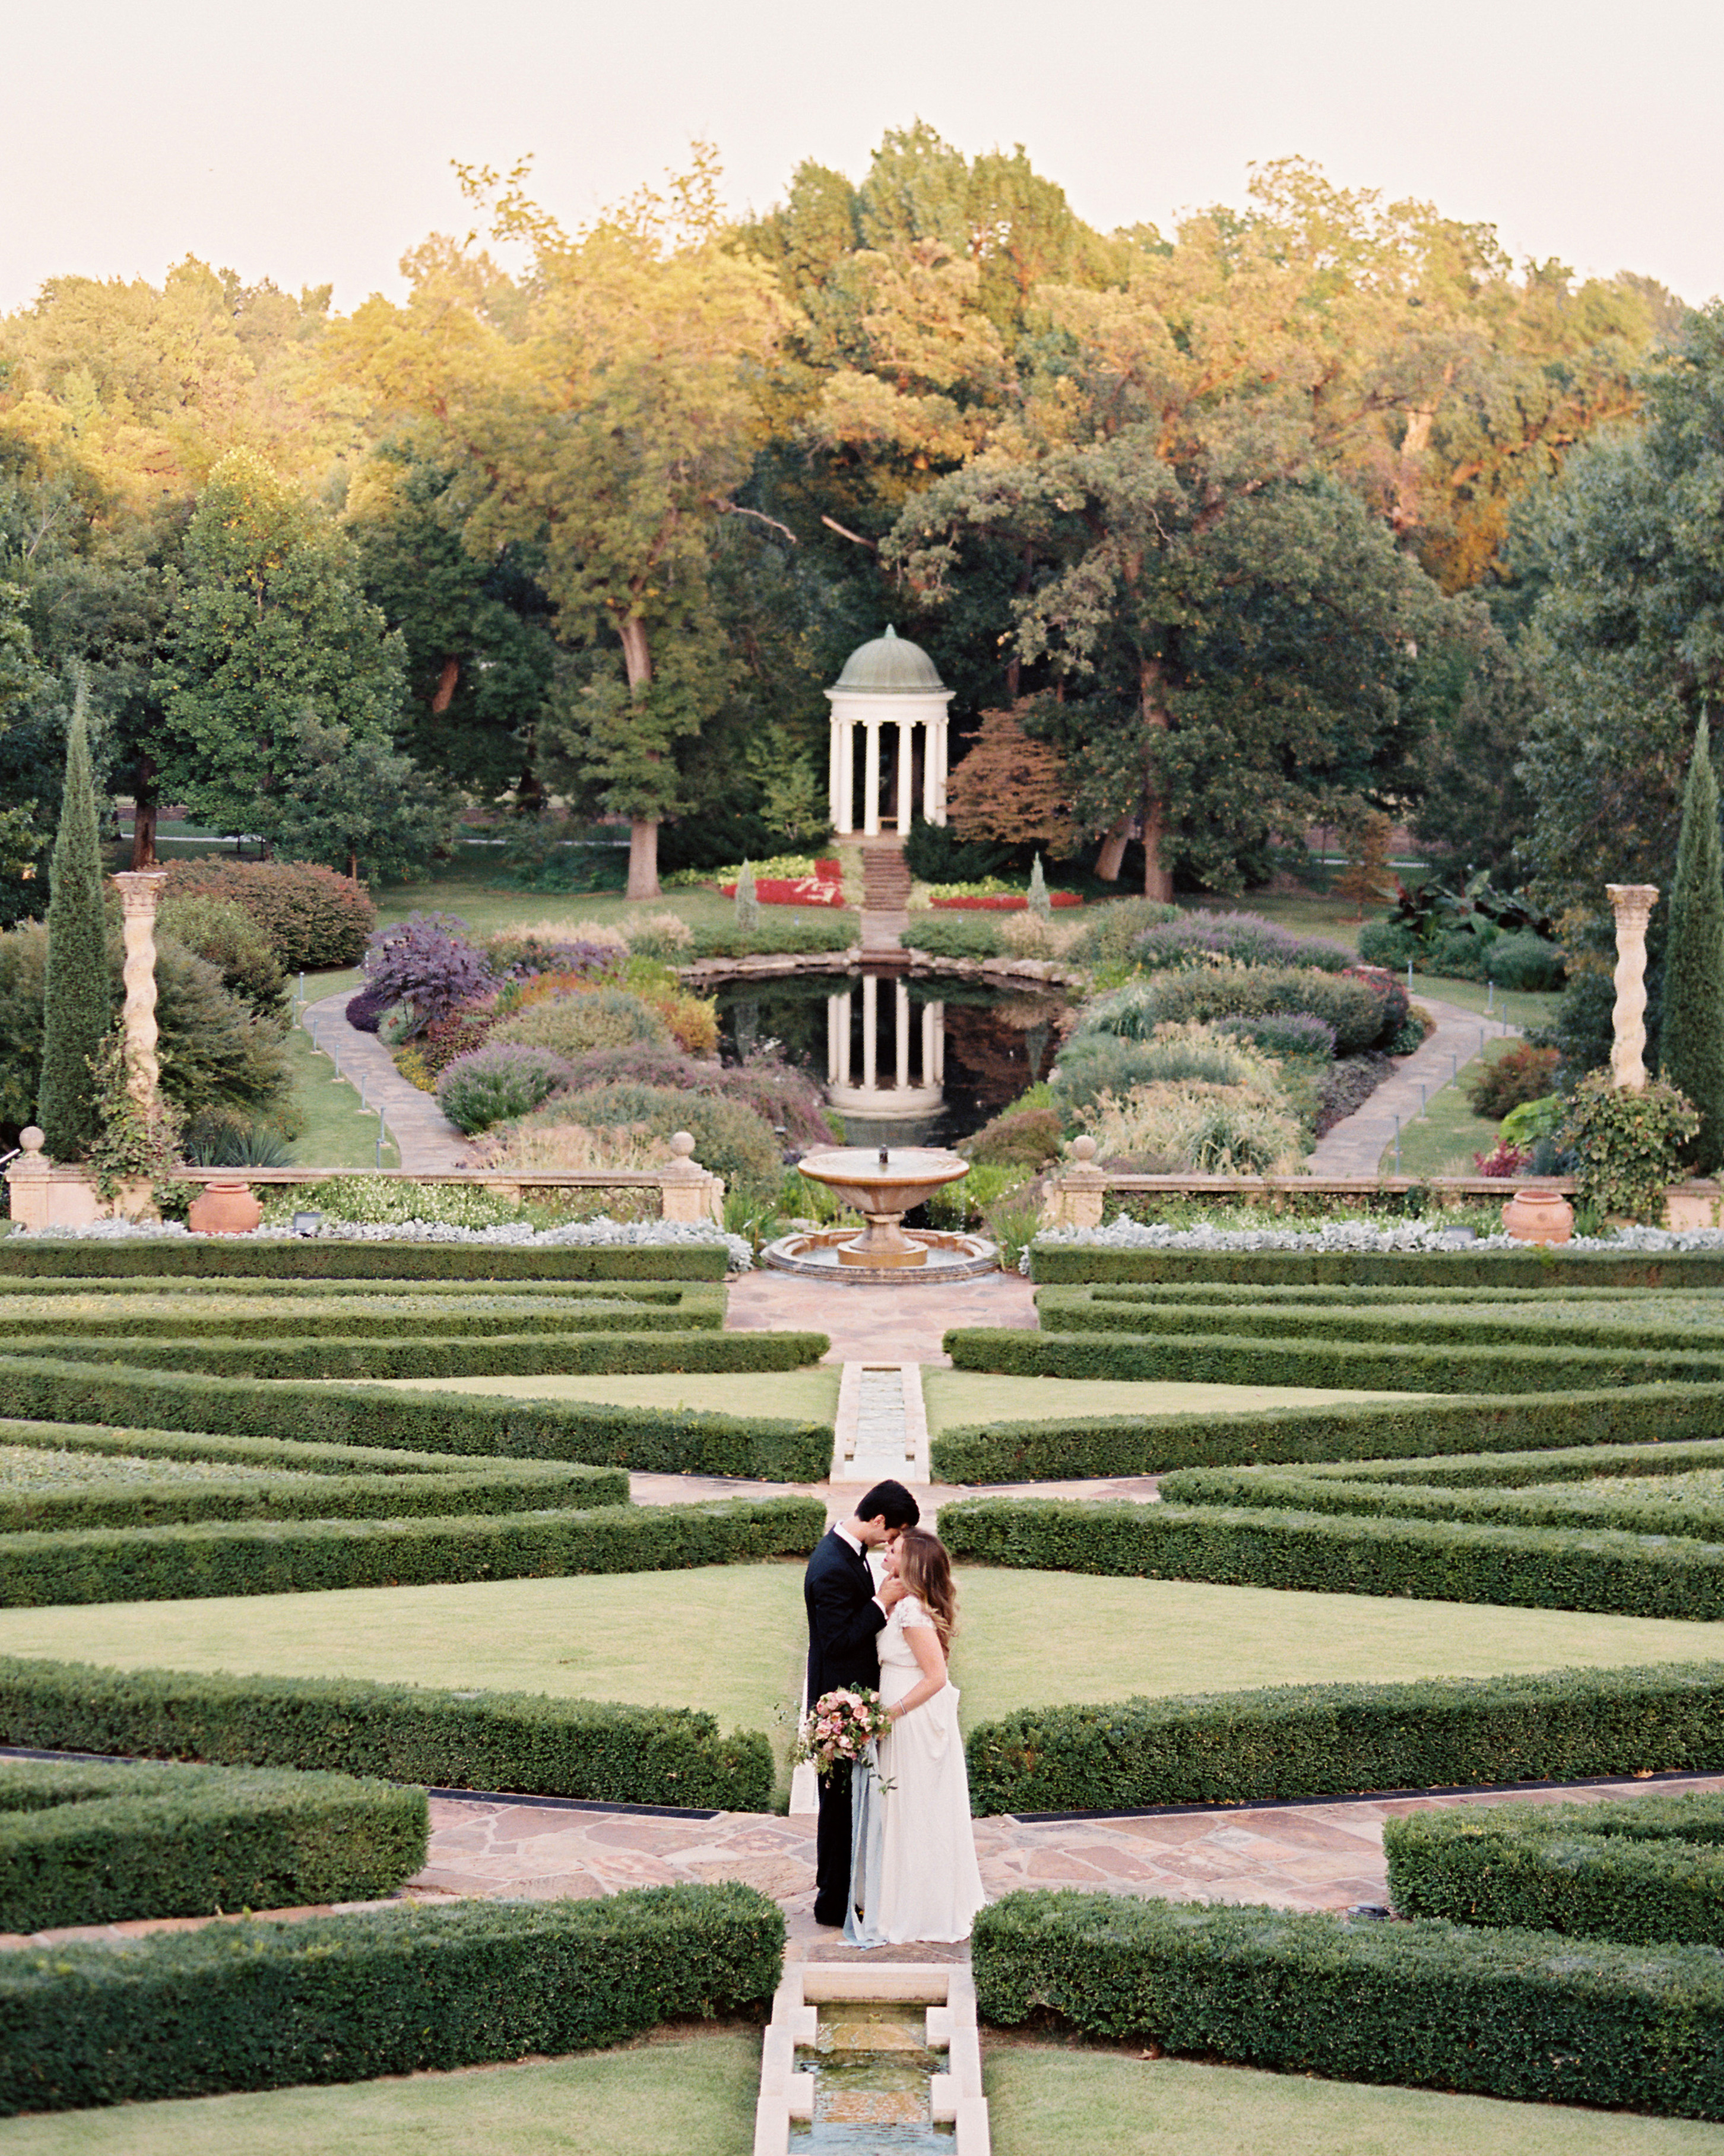 katty-chris-wedding-tulsa-oklahoma-w640-s112049.jpg